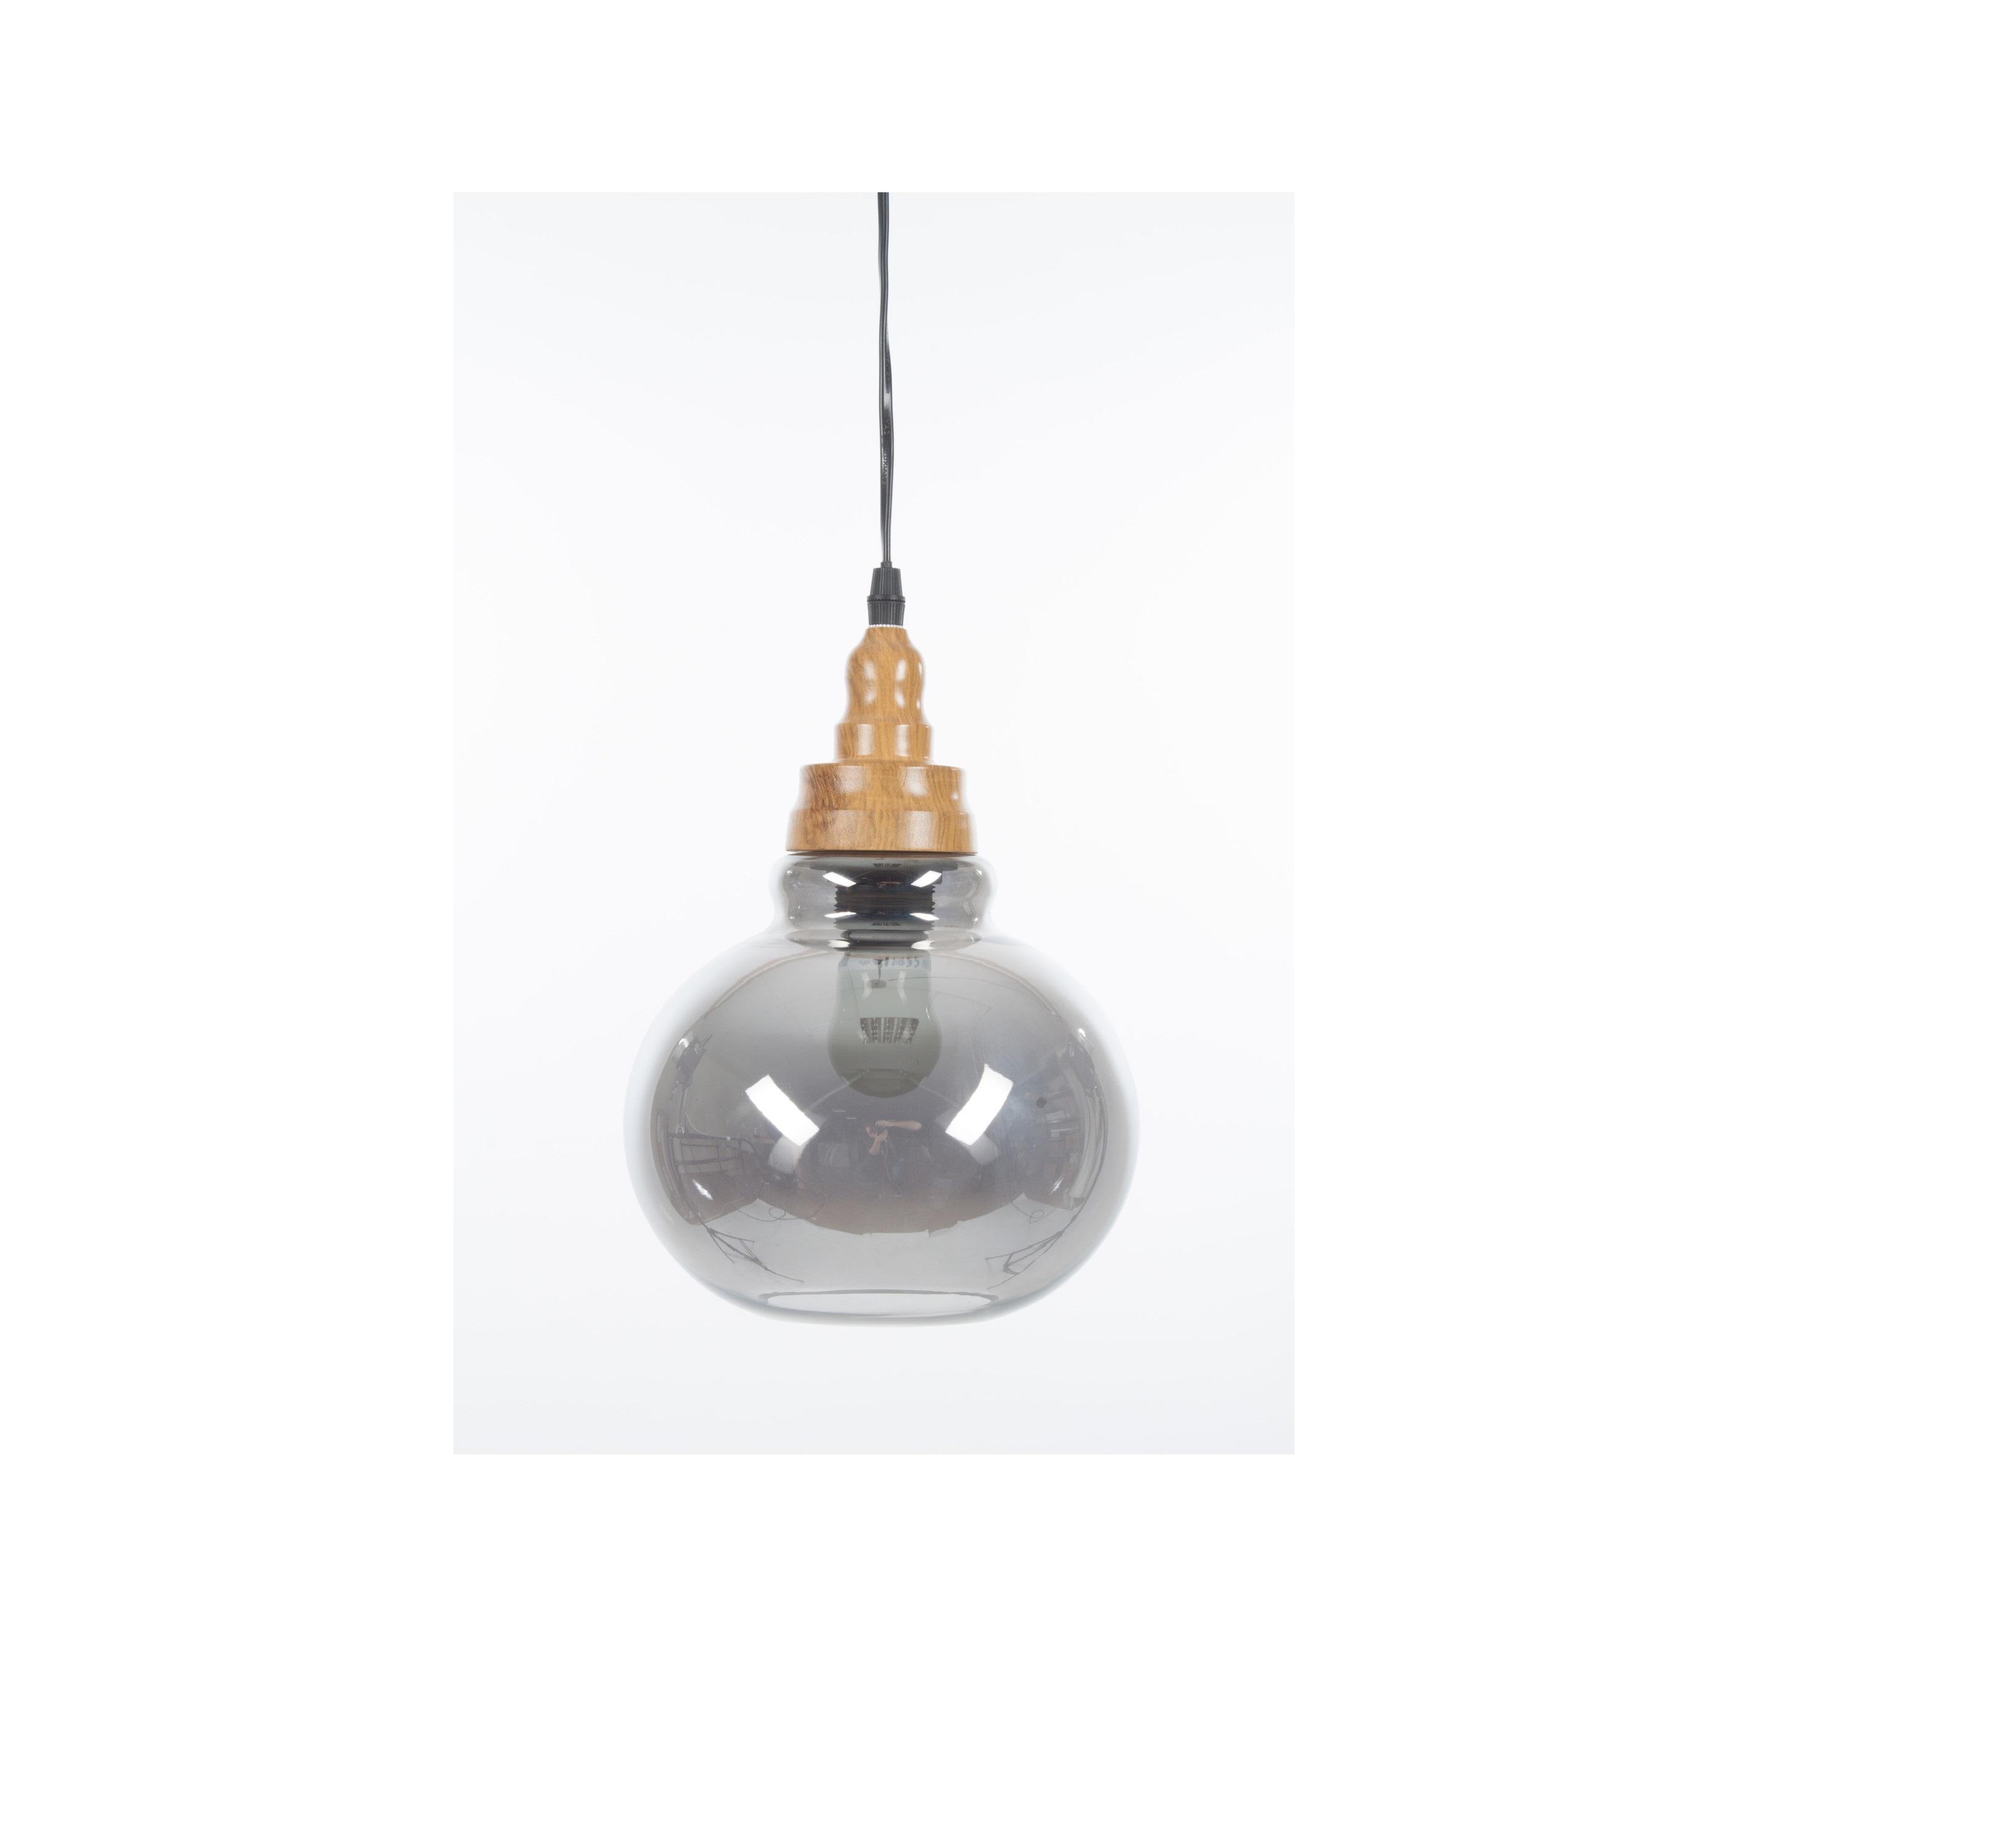 Светильник подвесной SferaПодвесные светильники<br>&amp;lt;div&amp;gt;Стеклянный абажур светильника &amp;quot;Sfera&amp;quot; словно покрыт вековой пылью. Он выглядит так, будто дни и ночи напролет он не переставал освещать мастерские фабричных рабочих. Это и придает ему эстетику промышленного стиля, в котором воедино смешиваются винтажная элегантность, небрежность и практичность.&amp;lt;/div&amp;gt;&amp;lt;div&amp;gt;&amp;lt;br&amp;gt;&amp;lt;/div&amp;gt;&amp;lt;div&amp;gt;Потолочный светильник, цоколь Е27 , мощность 60 wлампа Мендельсона в комплект не входит&amp;lt;/div&amp;gt;<br><br>Material: Стекло<br>Ширина см: 20<br>Высота см: 110